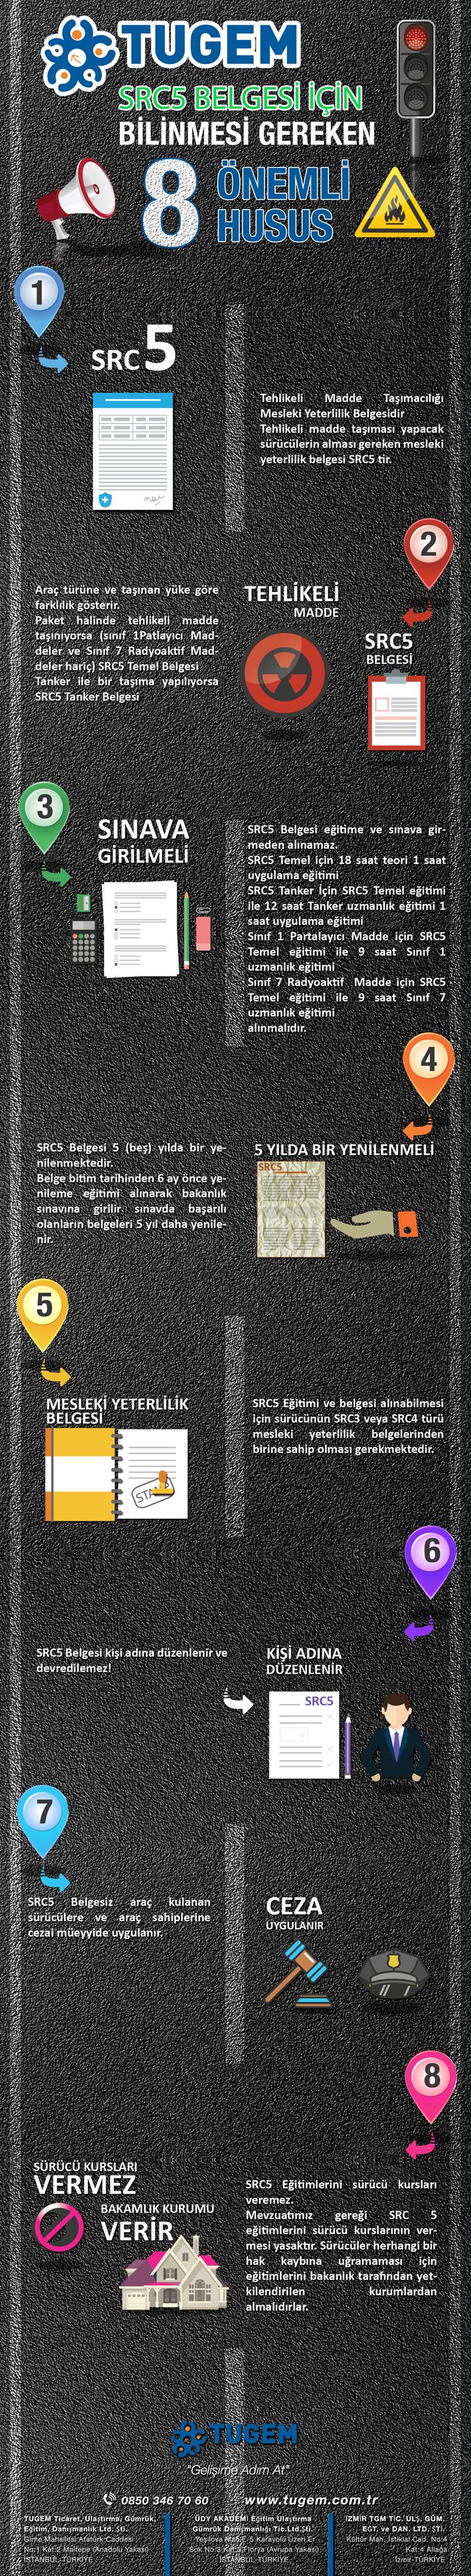 src5-belgesi-icin-bilinmesi-gereken-8-onemli-husus